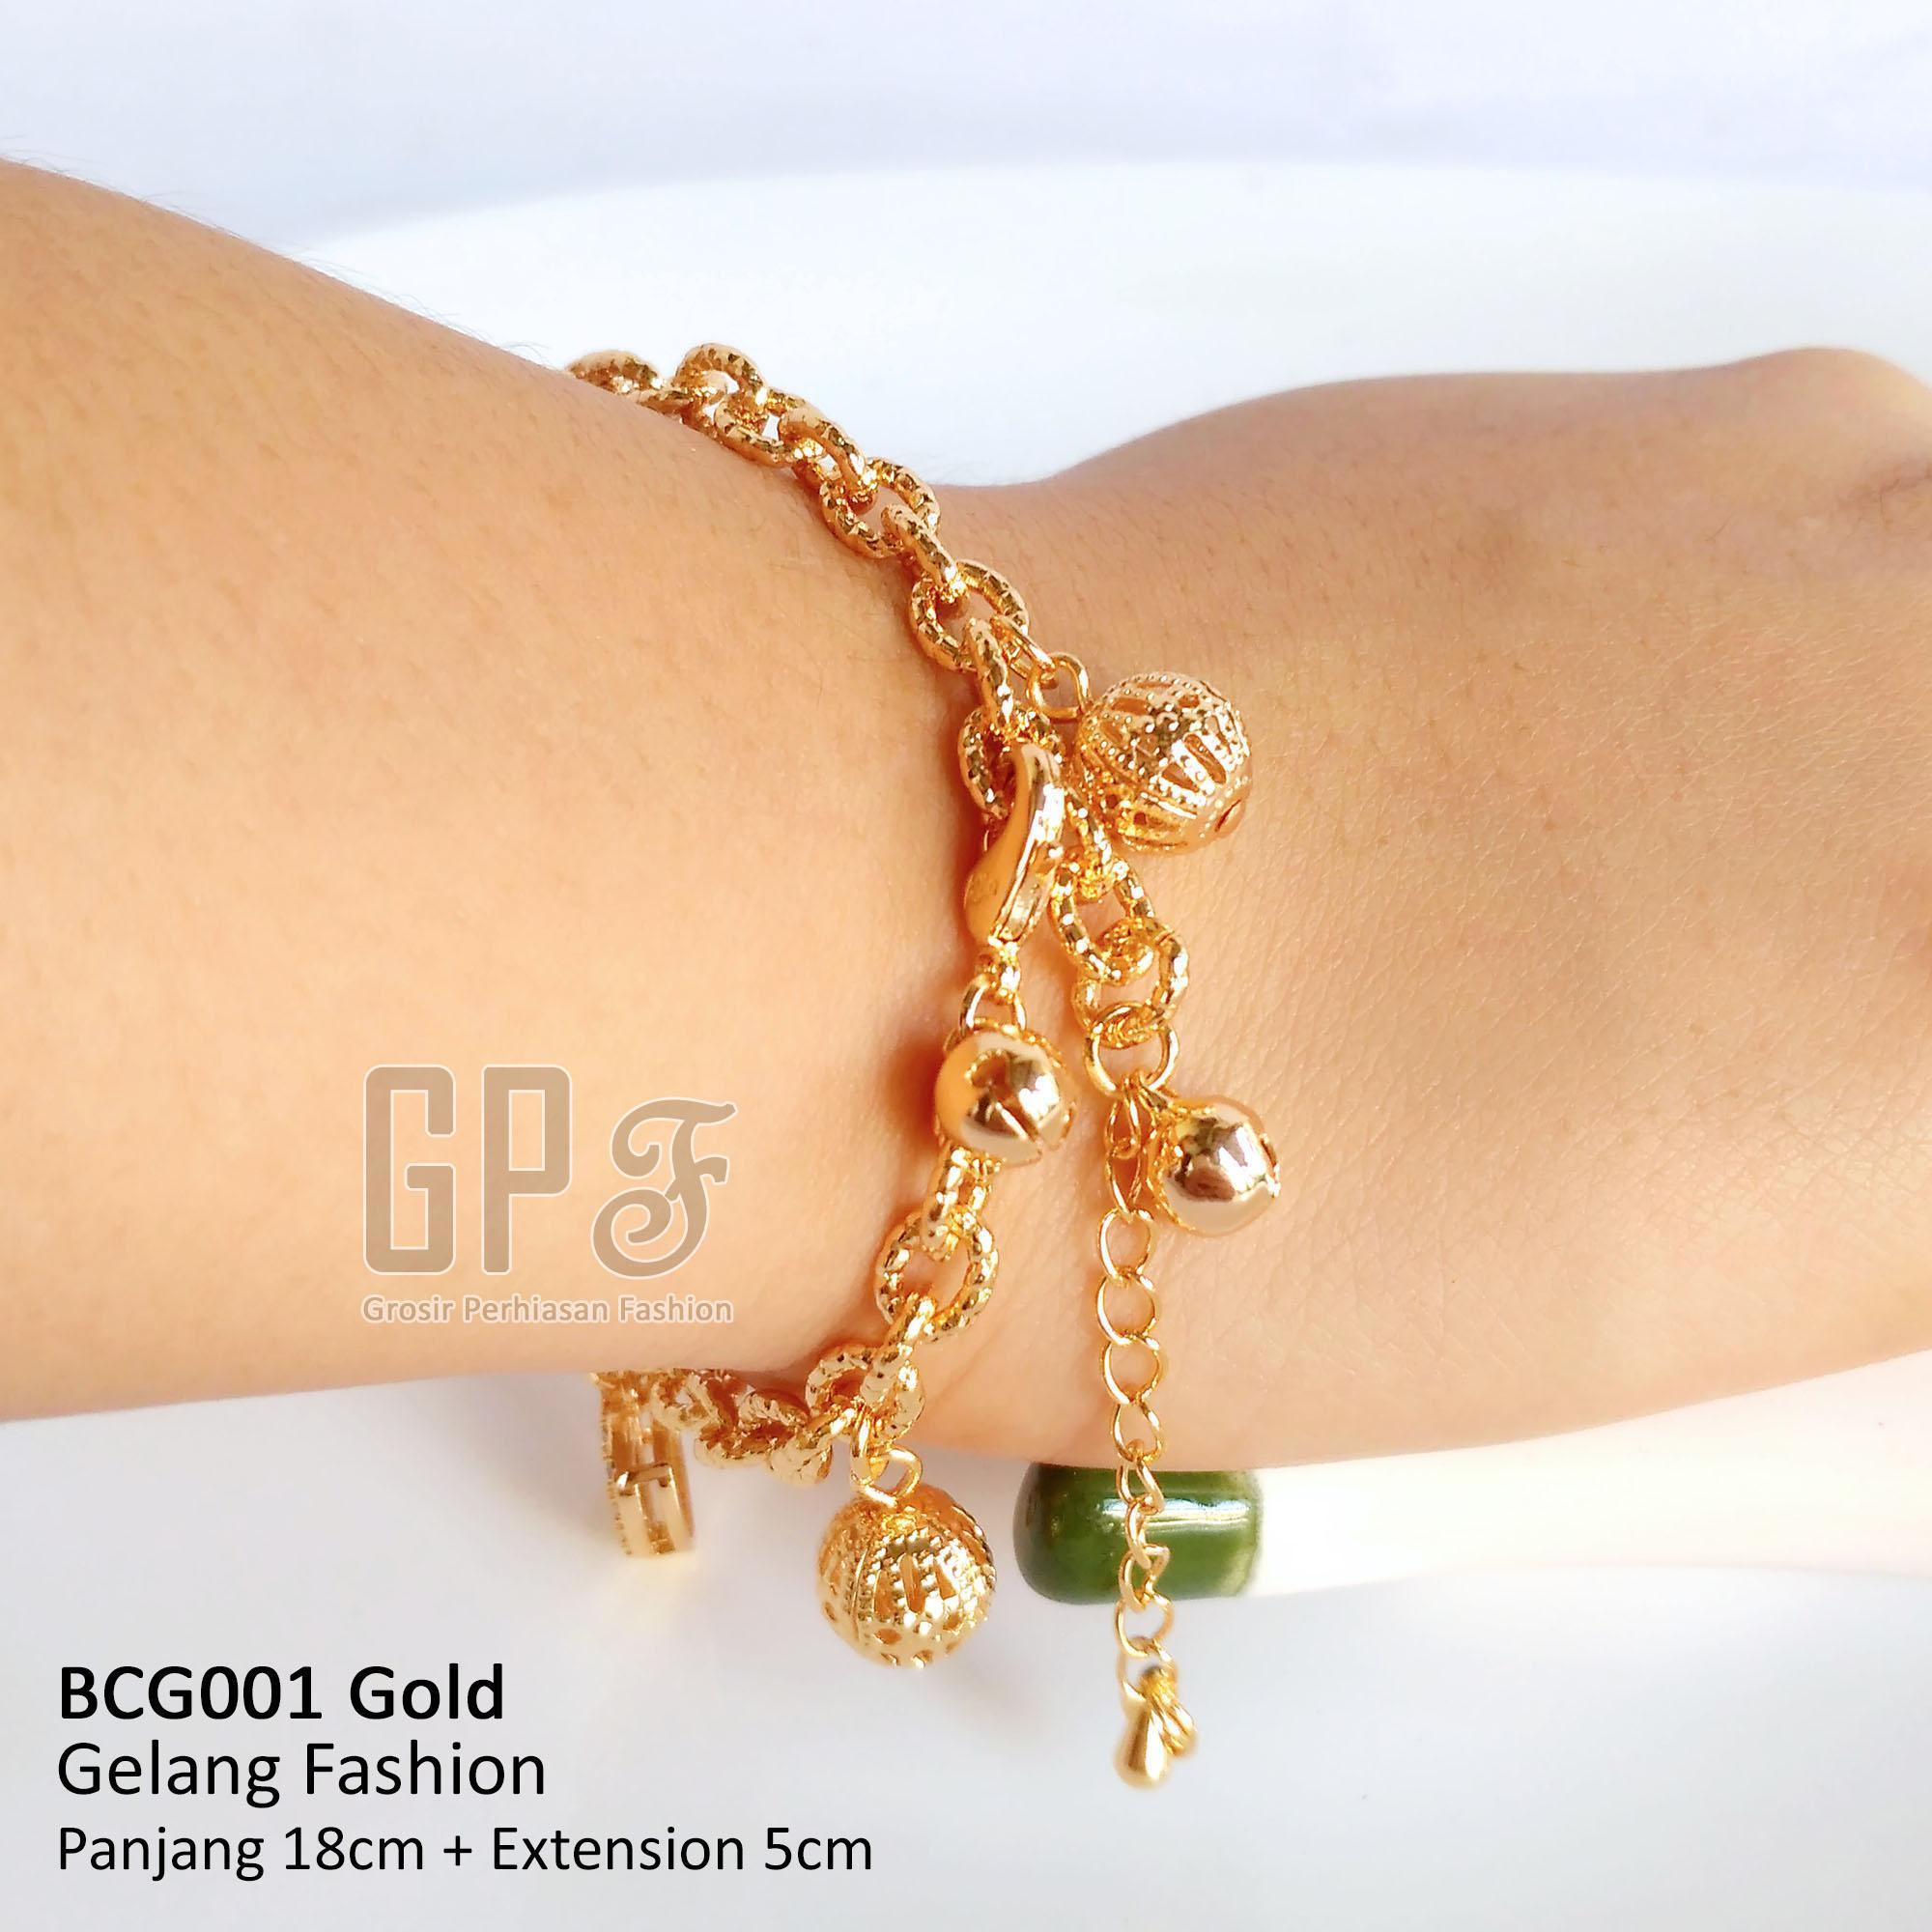 Gelang Wanita Emas Perak Perhiasan Fashion kualitas Bagus barang import anti karat anti alergi bcw001 gpf